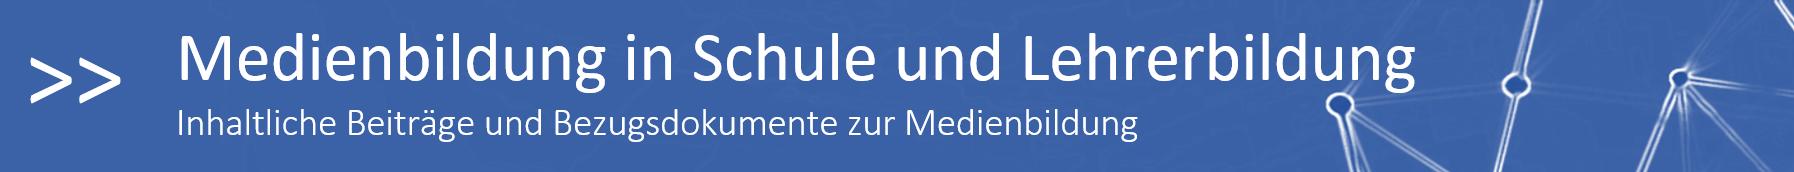 Banner Digitale Medien